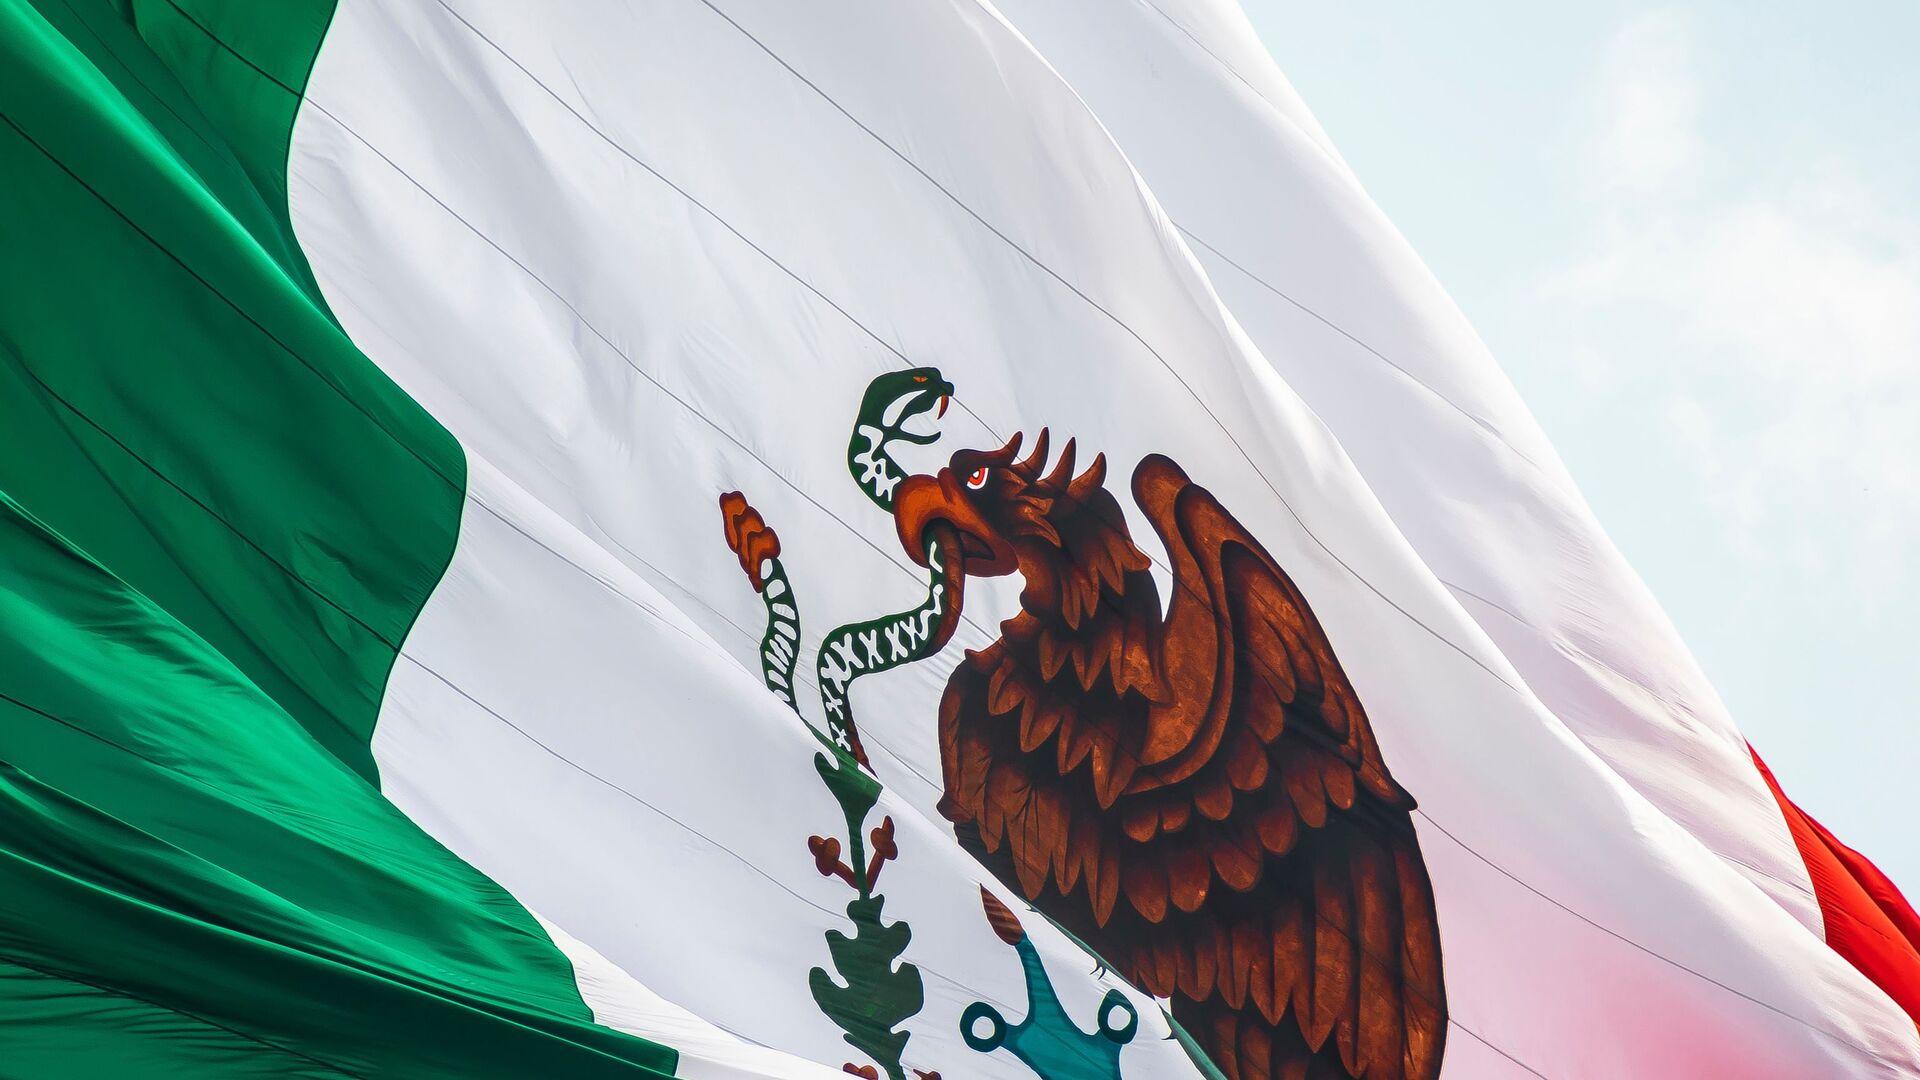 Bandera de México - Sputnik Mundo, 1920, 02.12.2020